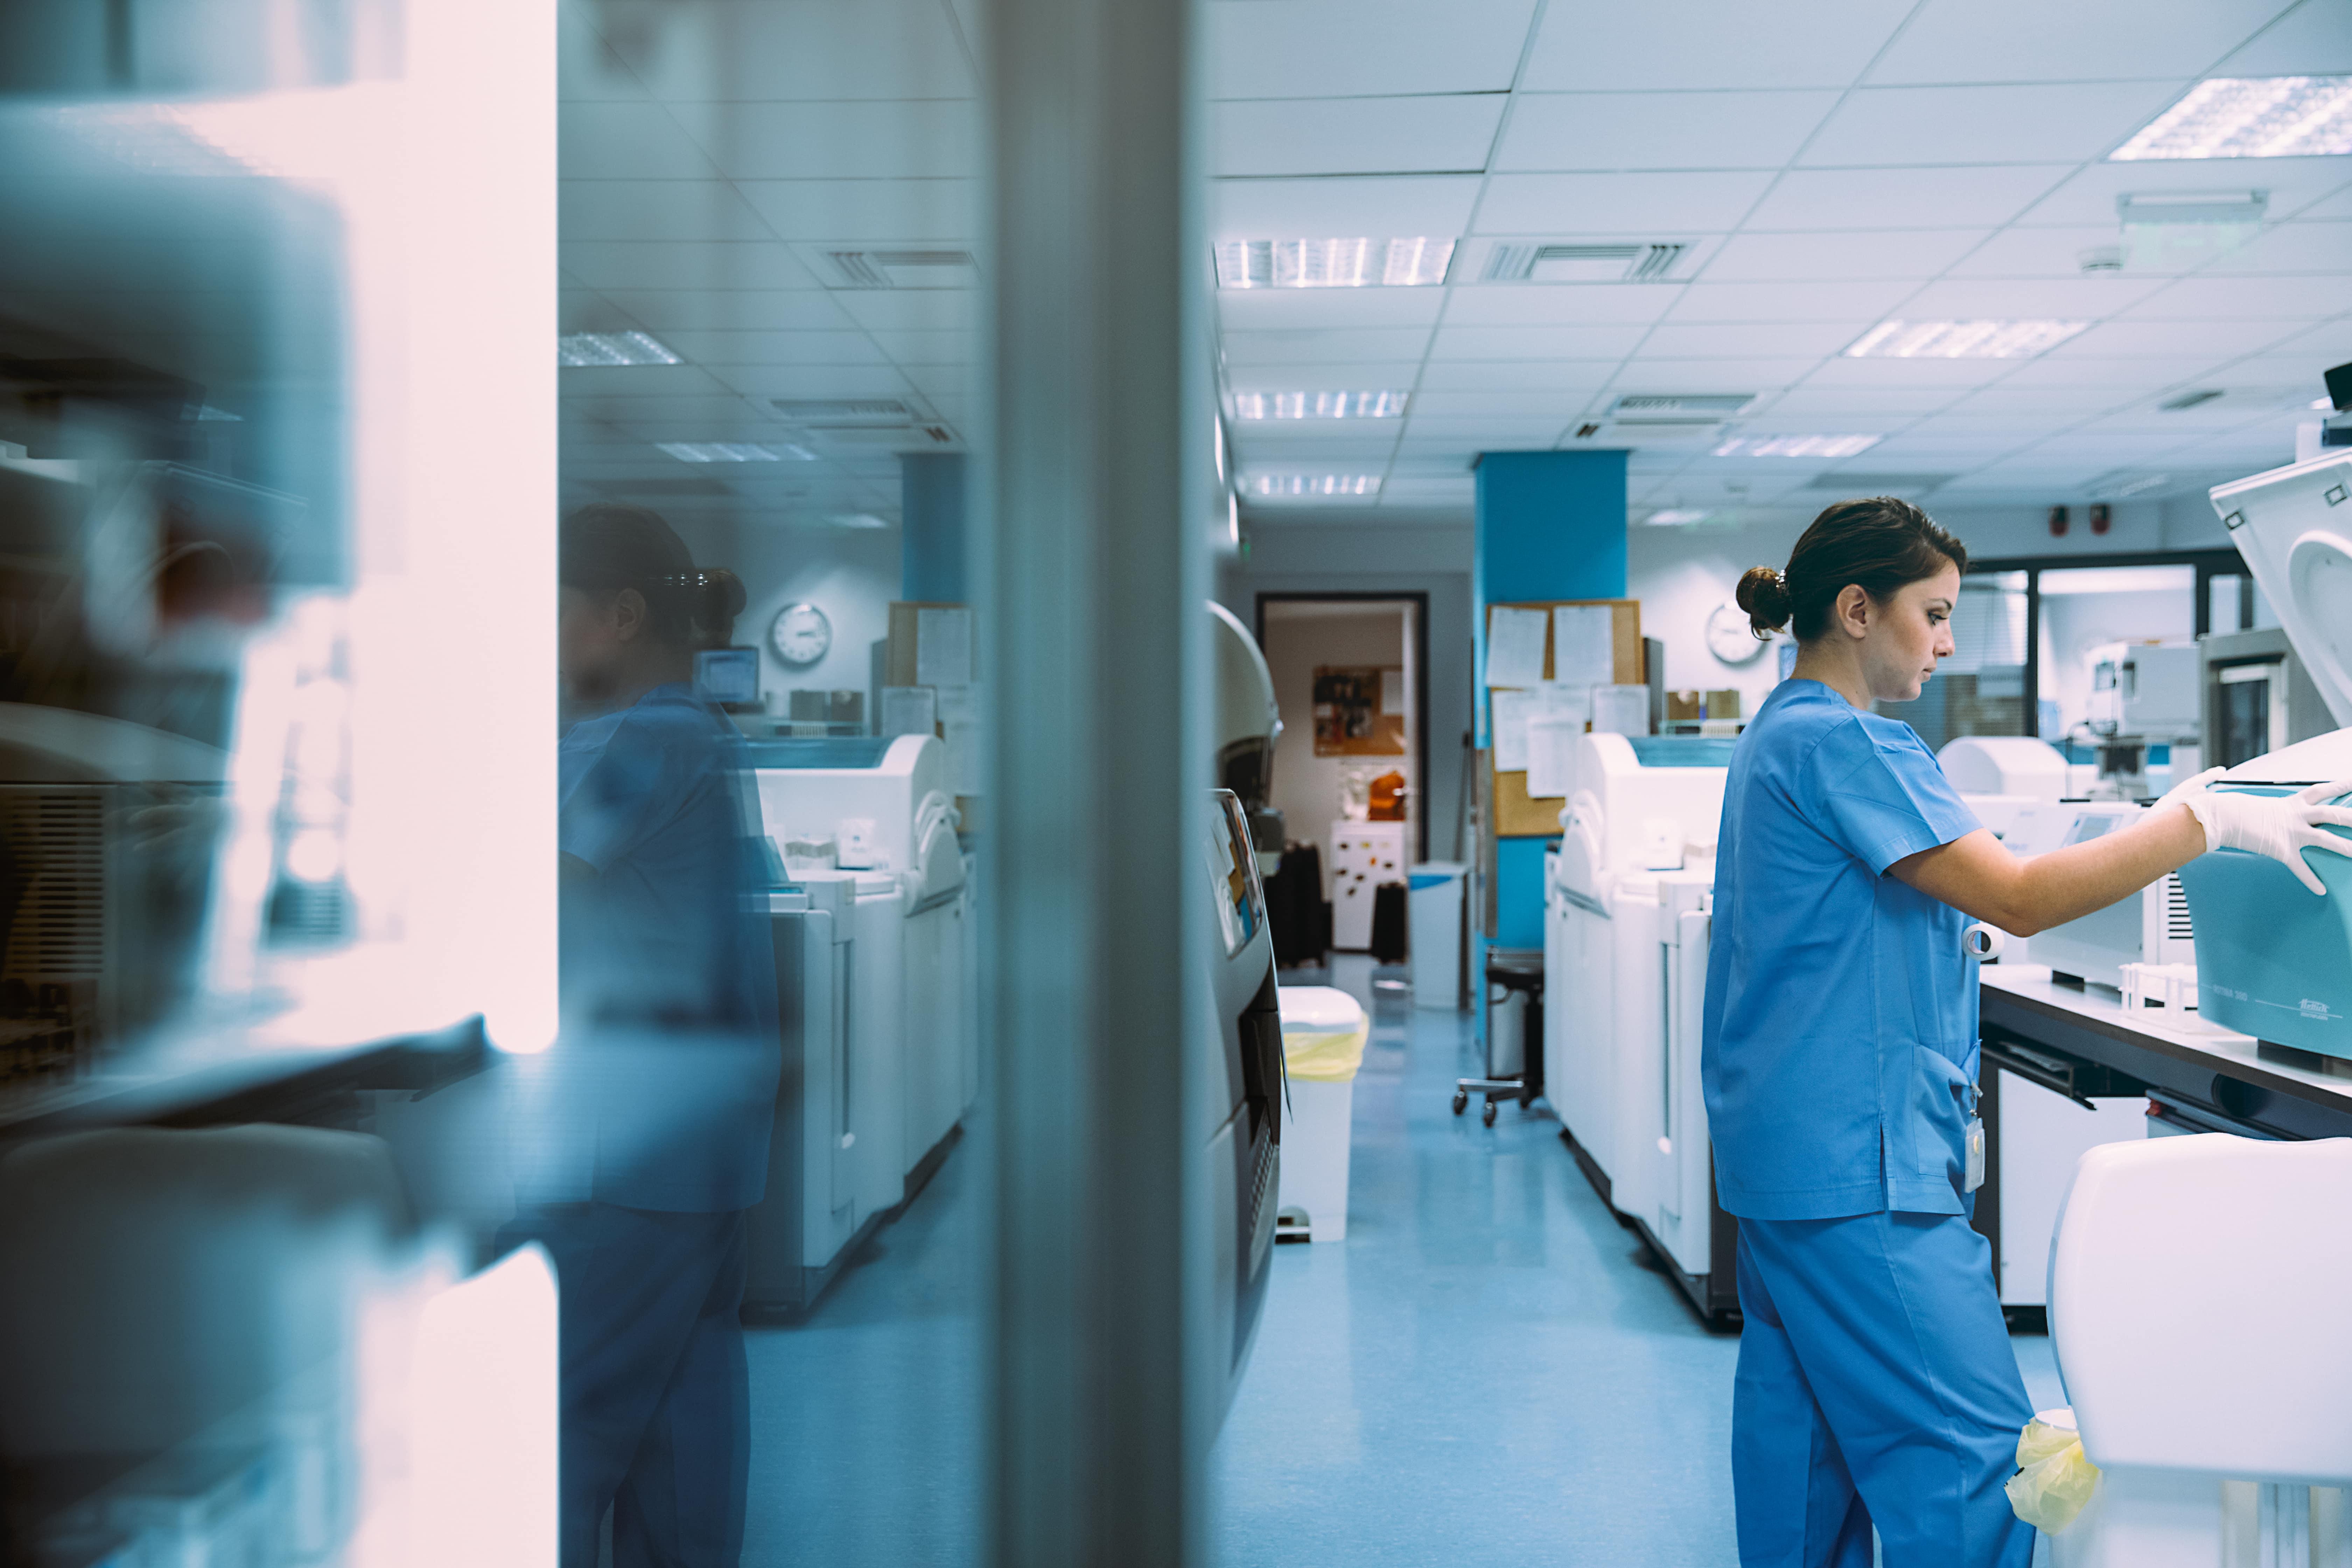 Μικροβιολογικό Εργαστήριο